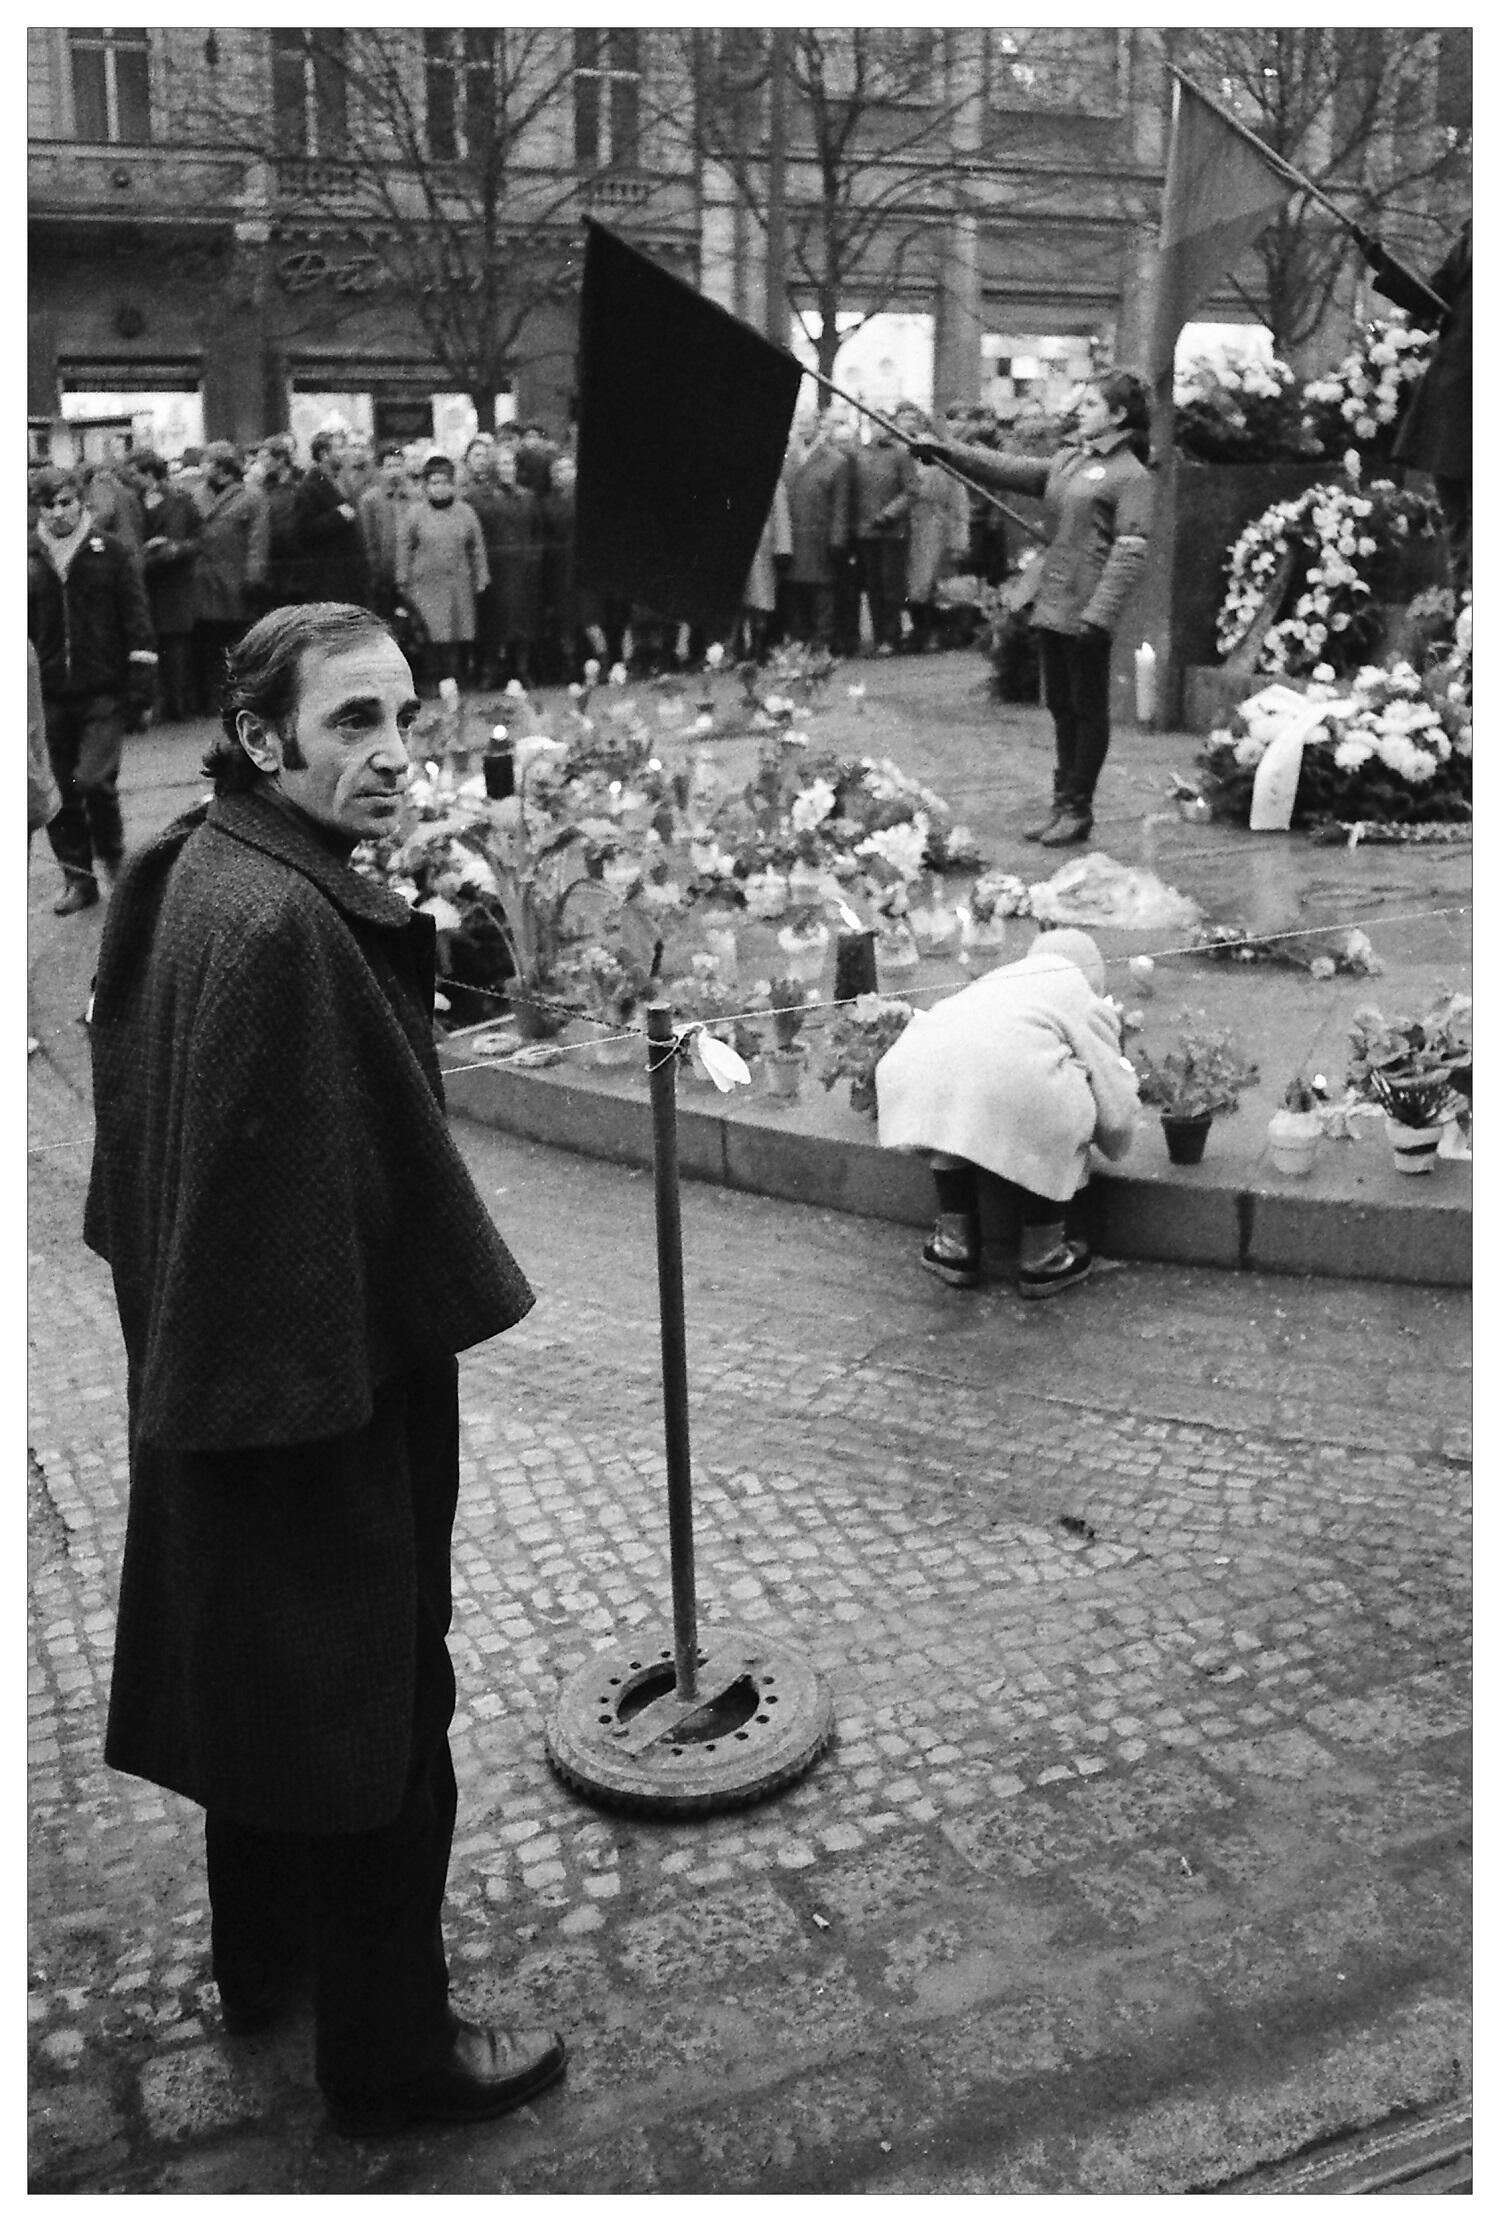 Шарль Азнавур на Вацлавской площади в Праге